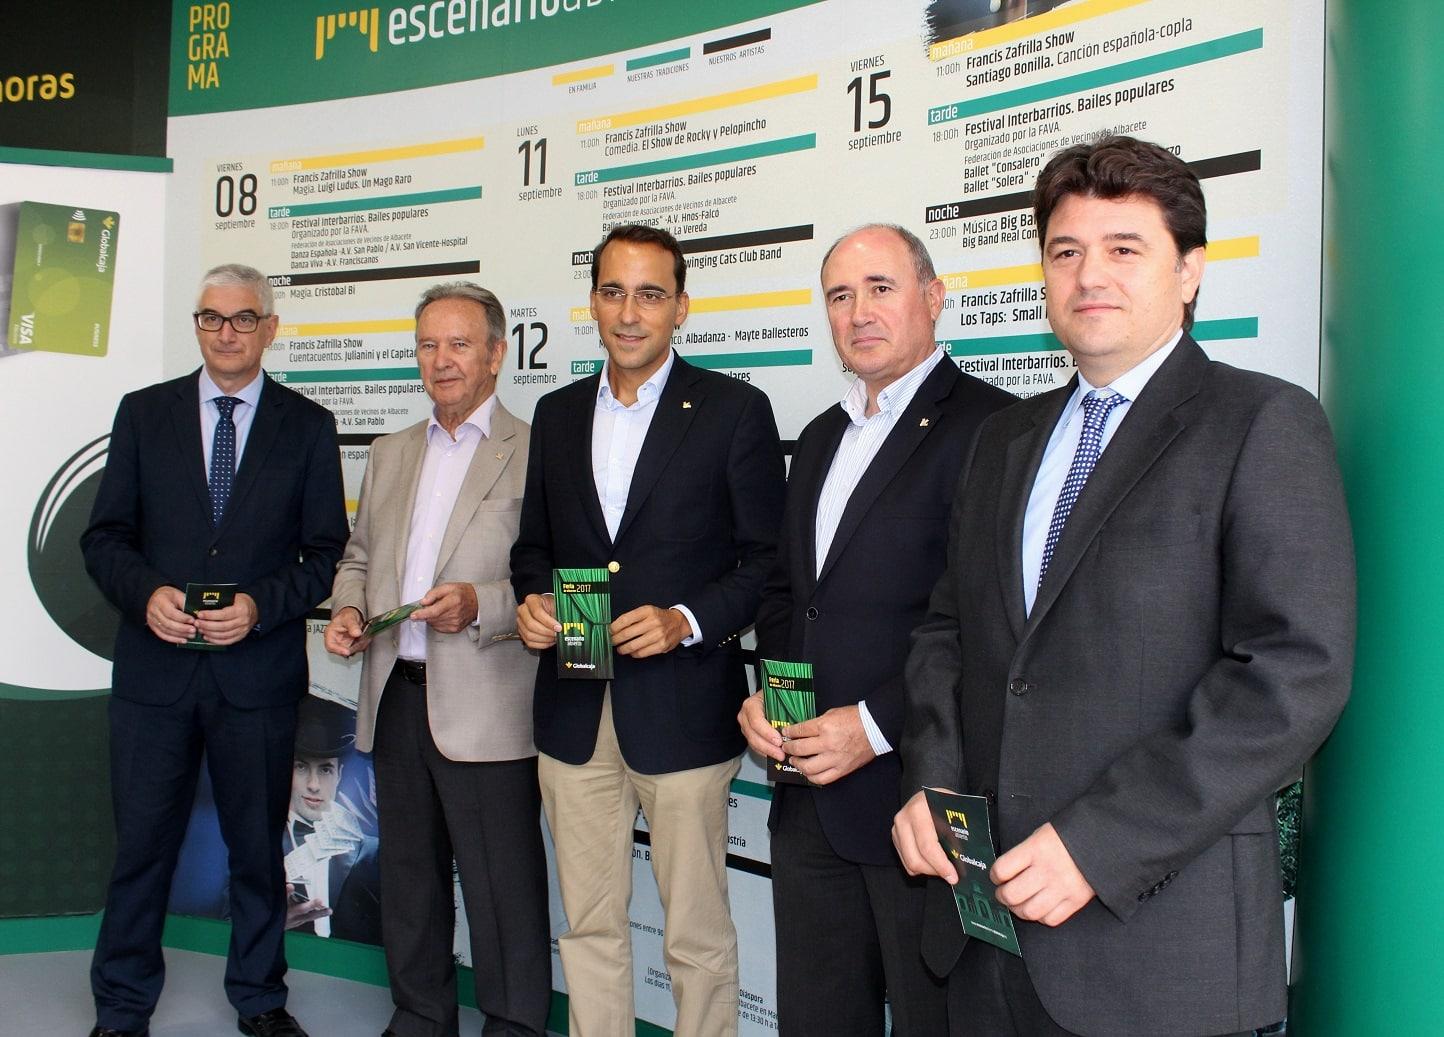 Francisco Navarro agradece a Globalcaja su compromiso con la cultura, nuestras tradiciones y los artistas locales durante la Feria de Albacete